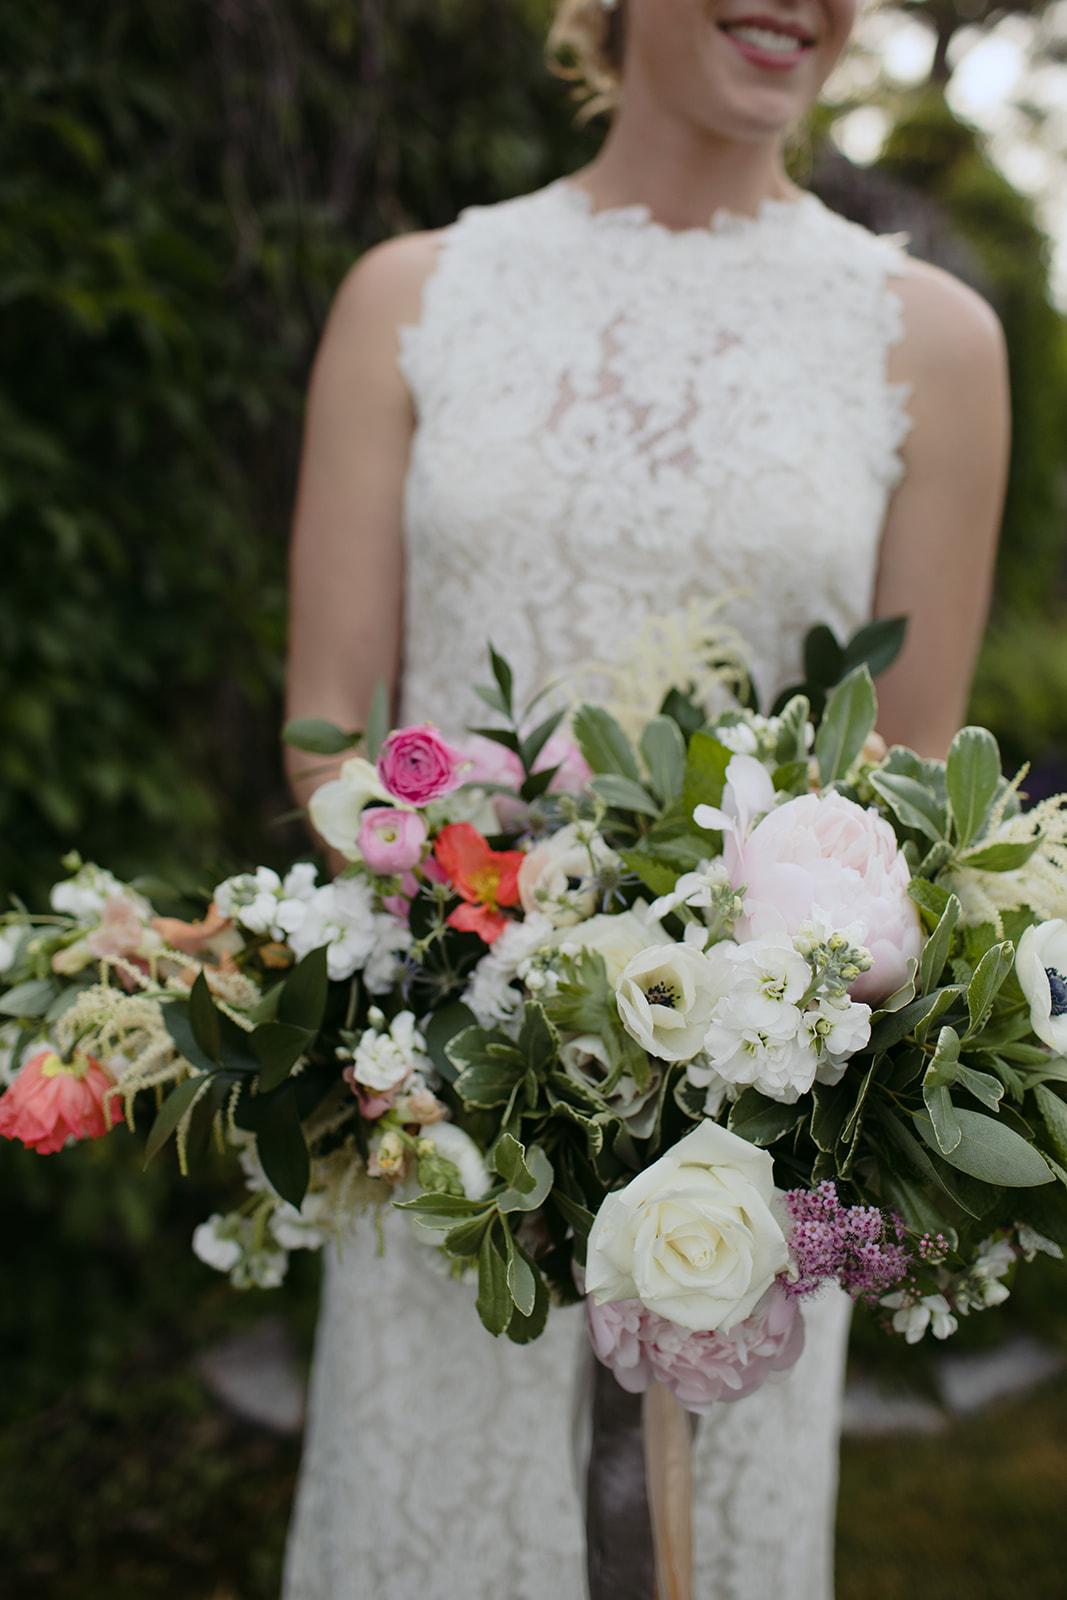 Watershed_Floral_Acadia_Maine_Wedding_Florist__Acadia_106.jpg